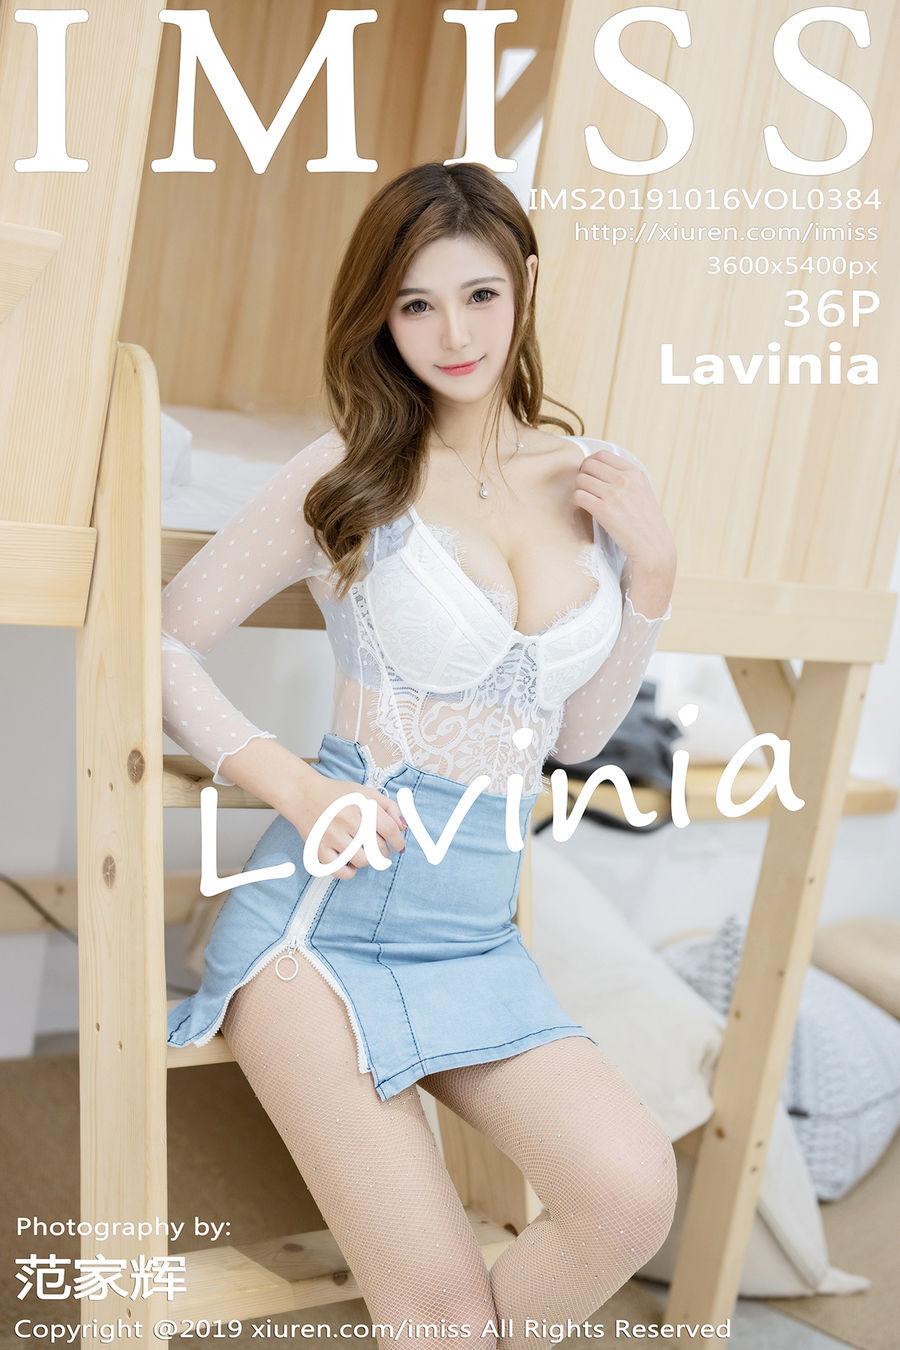 [IMISS爱蜜社] VOL.384 Lavinia [36+1P/69M]